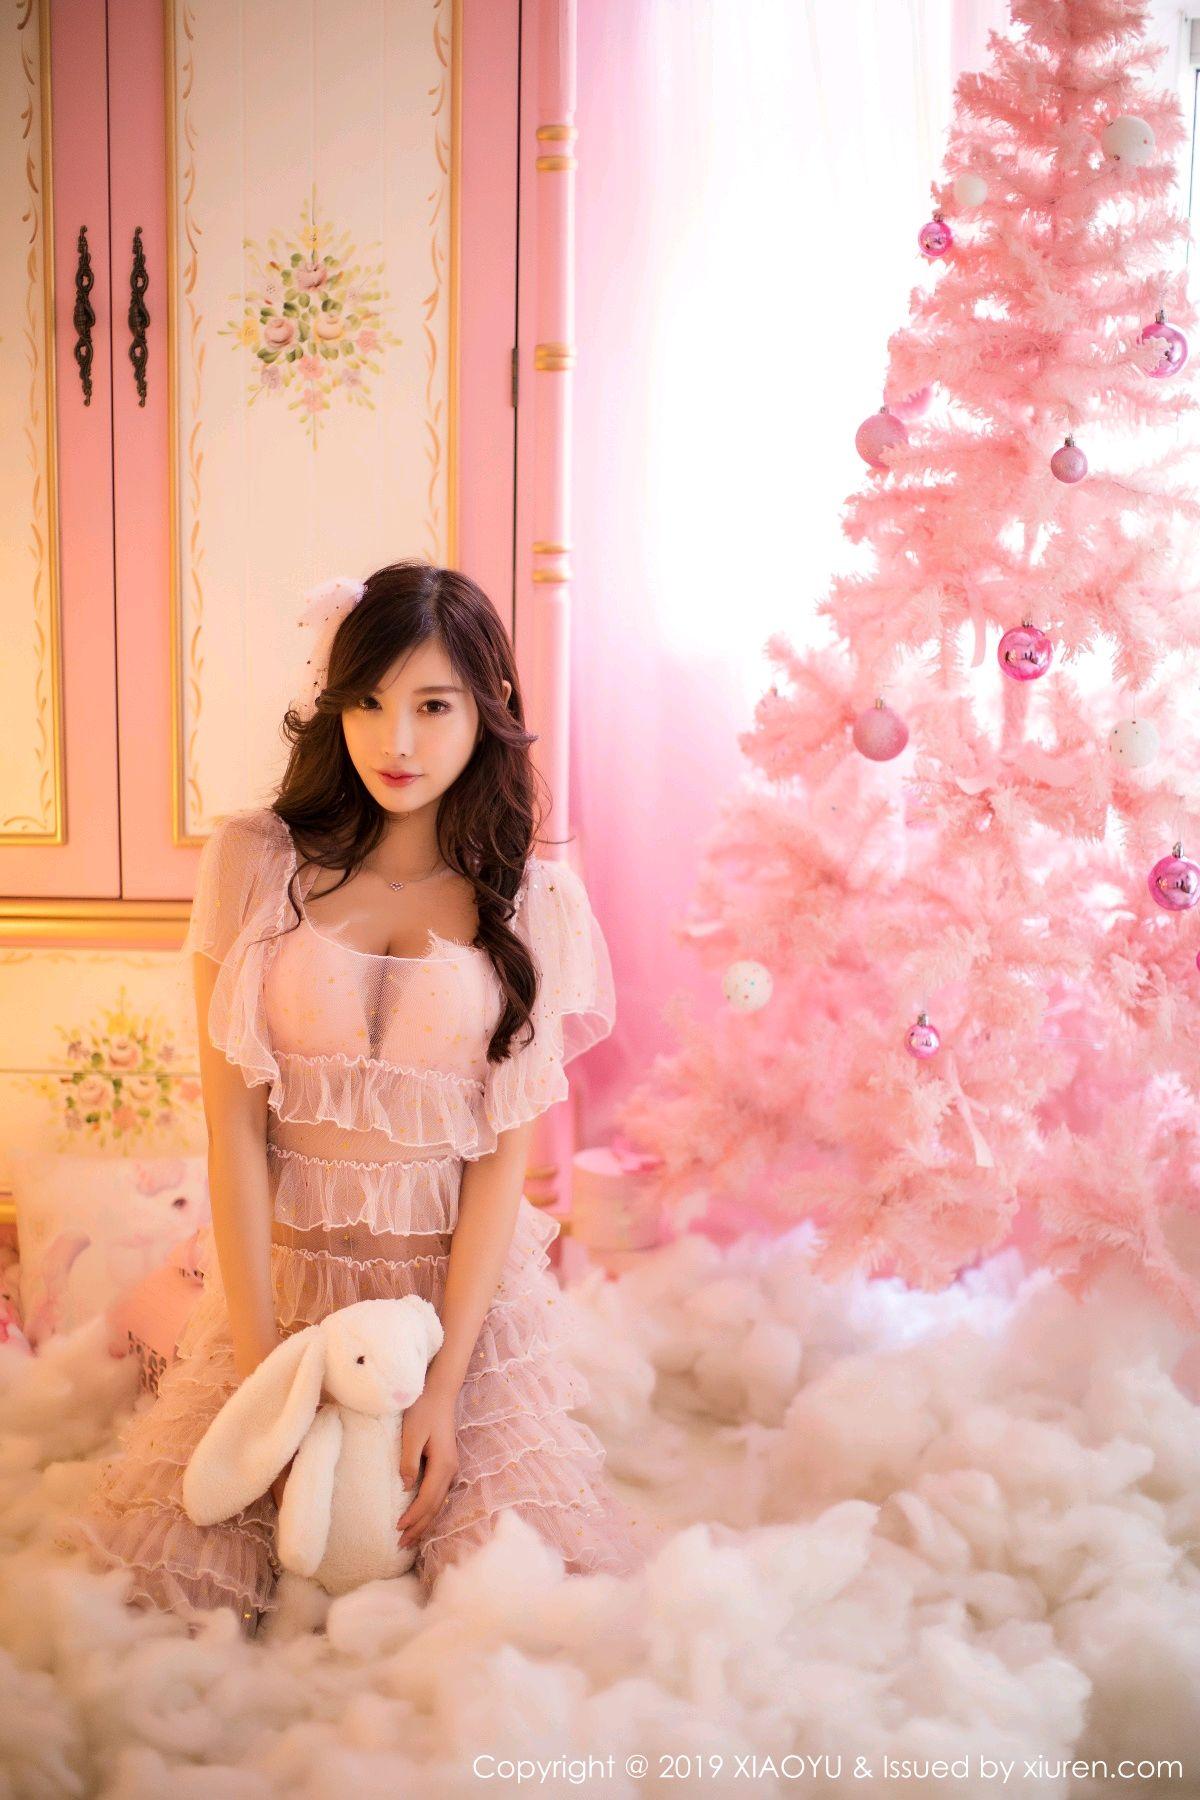 [XiaoYu] Vol.059 Christmas Theme 1P, Christmas, Underwear, XiaoYu, Yang Chen Chen